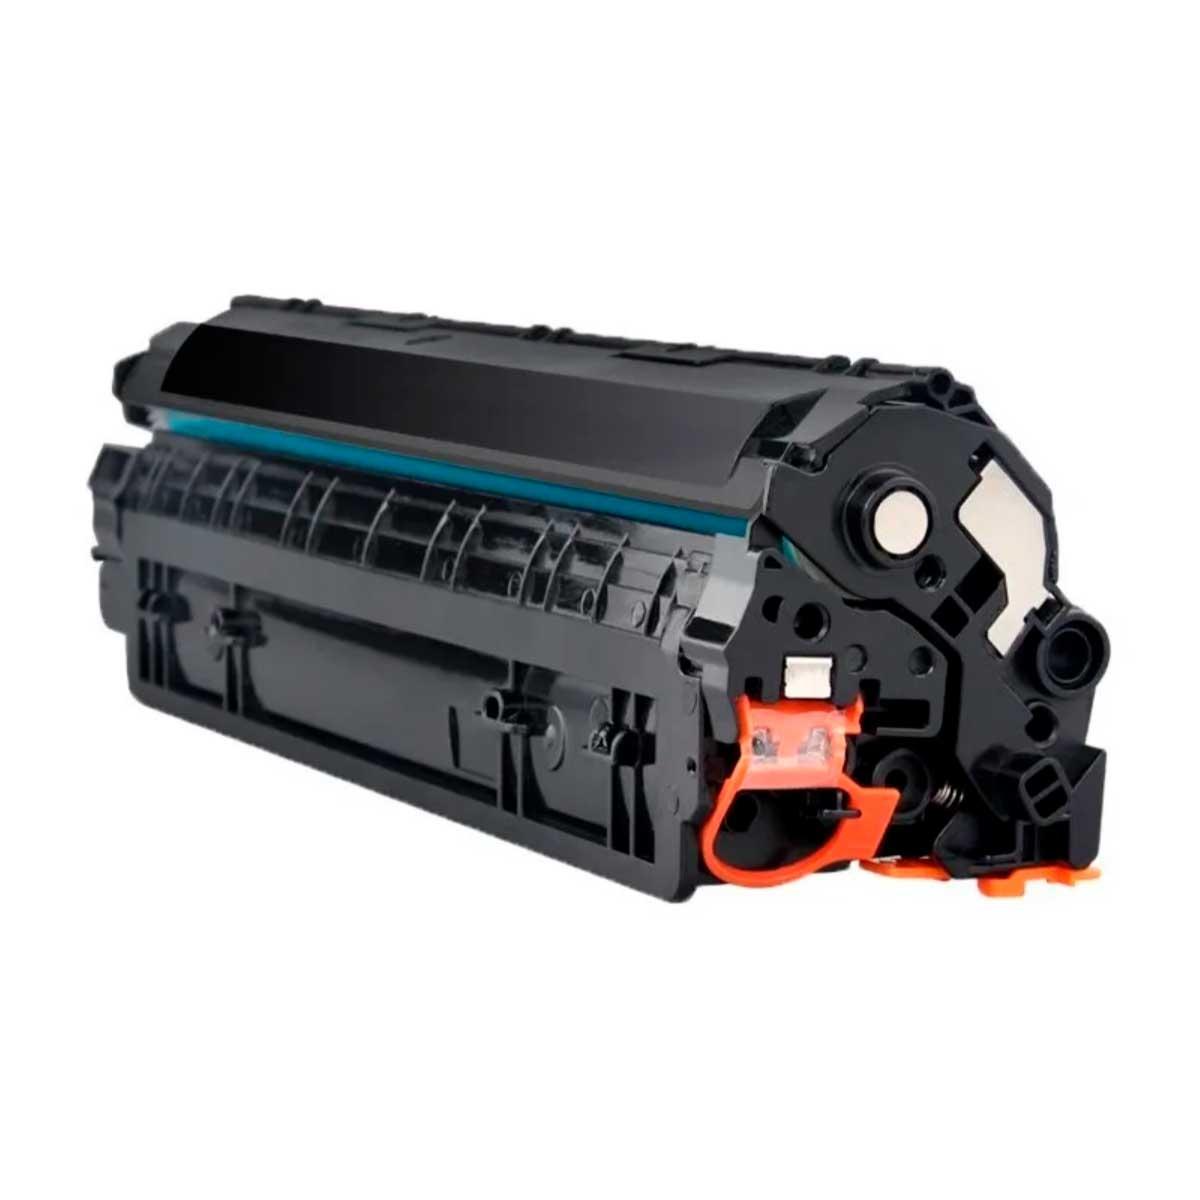 Cartucho Compatível De Toner Hp Cb435 Cb436 Ce285 Ce278